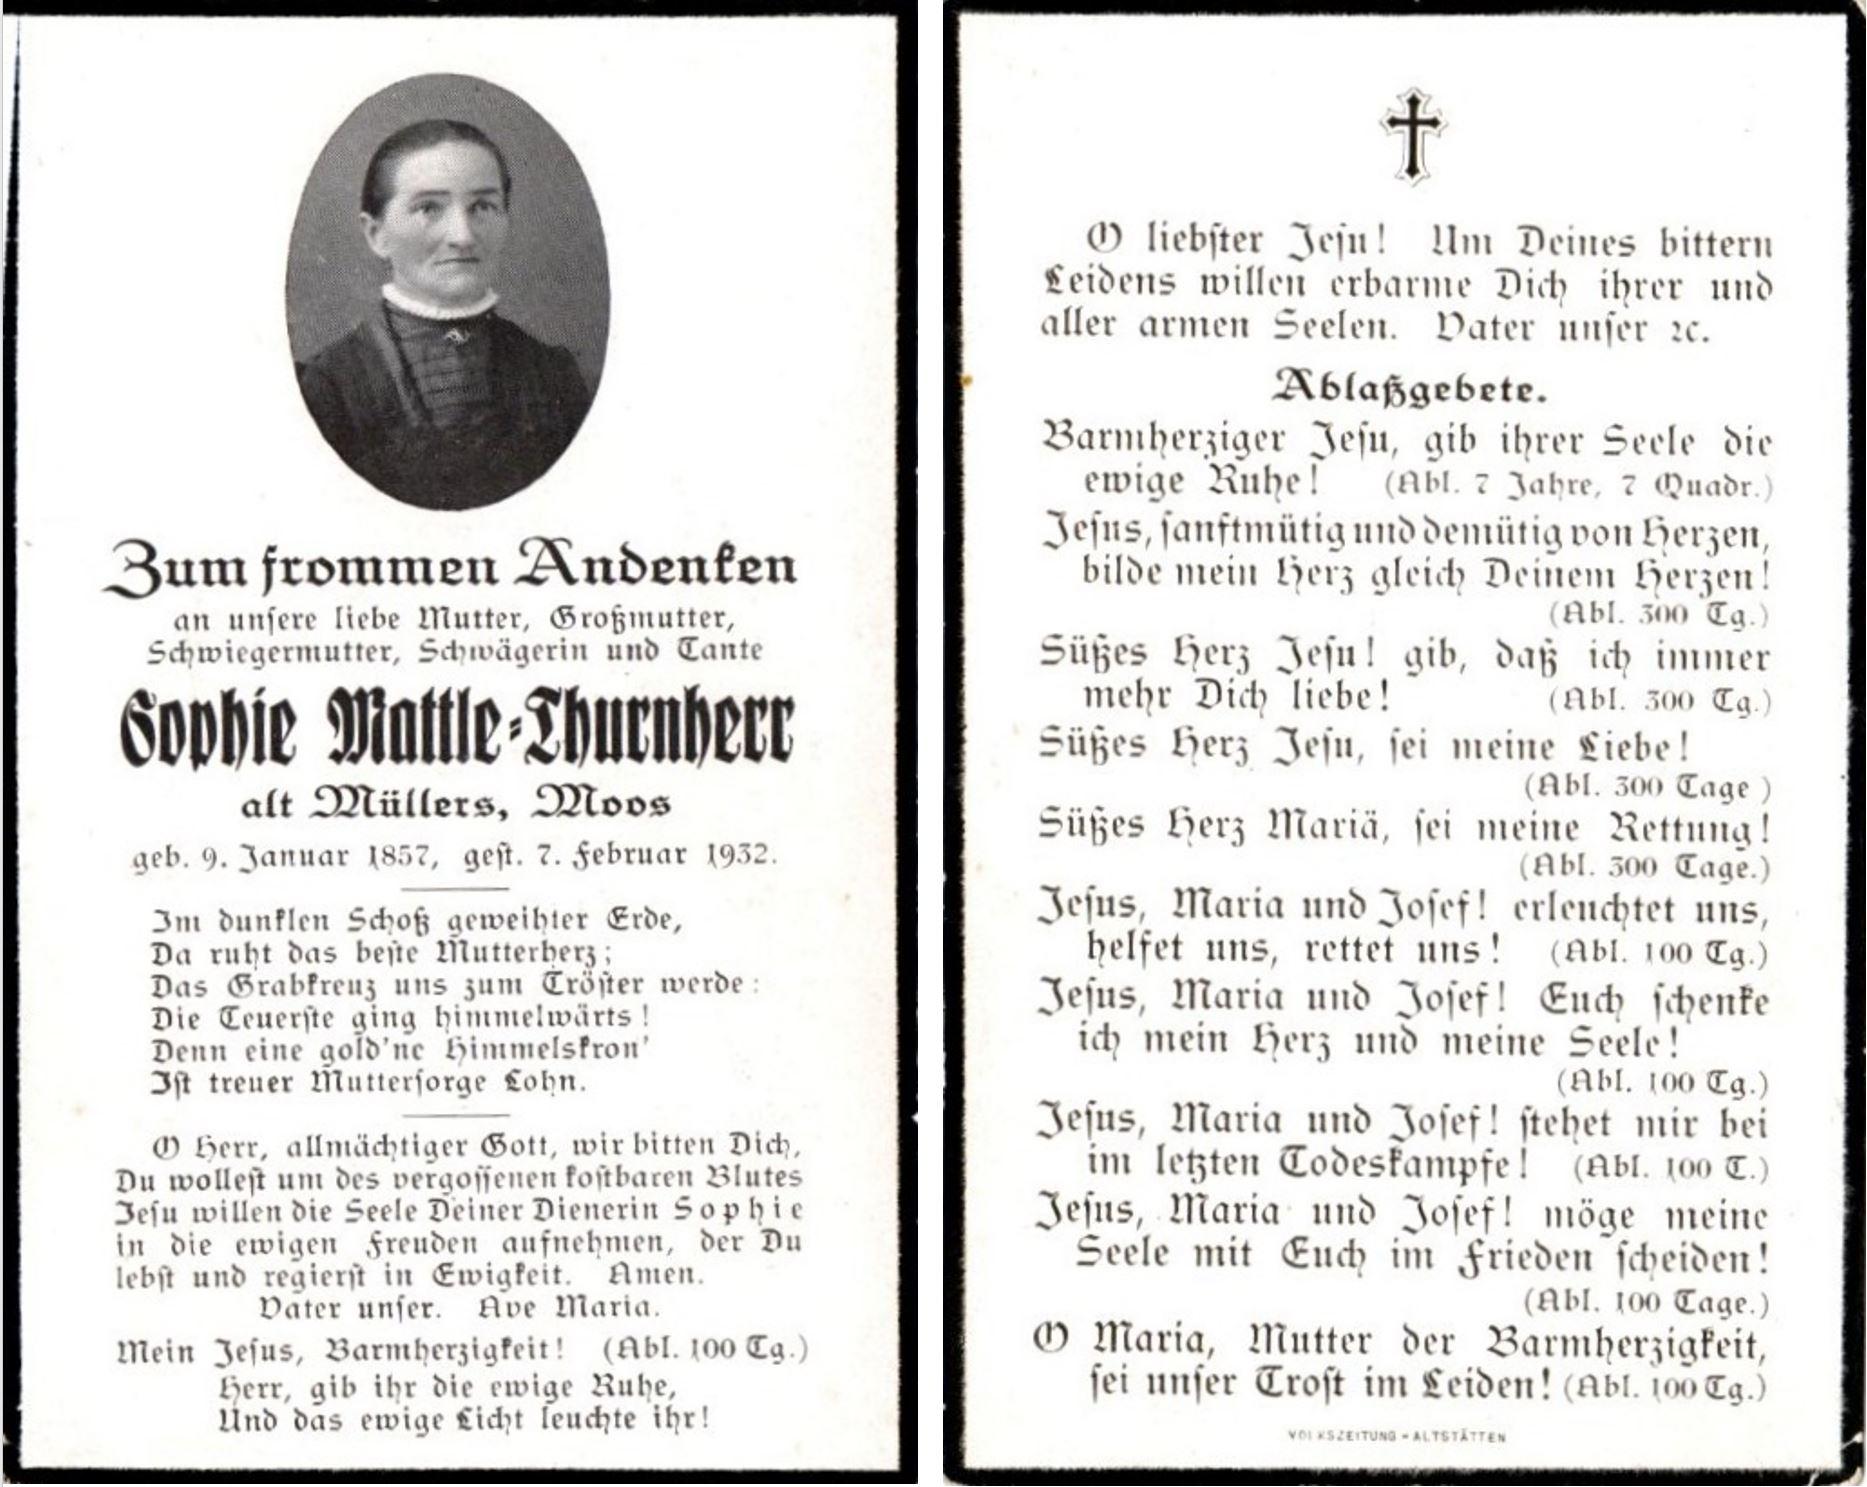 Sophie Mattle-Thurnherr (1857-1932)